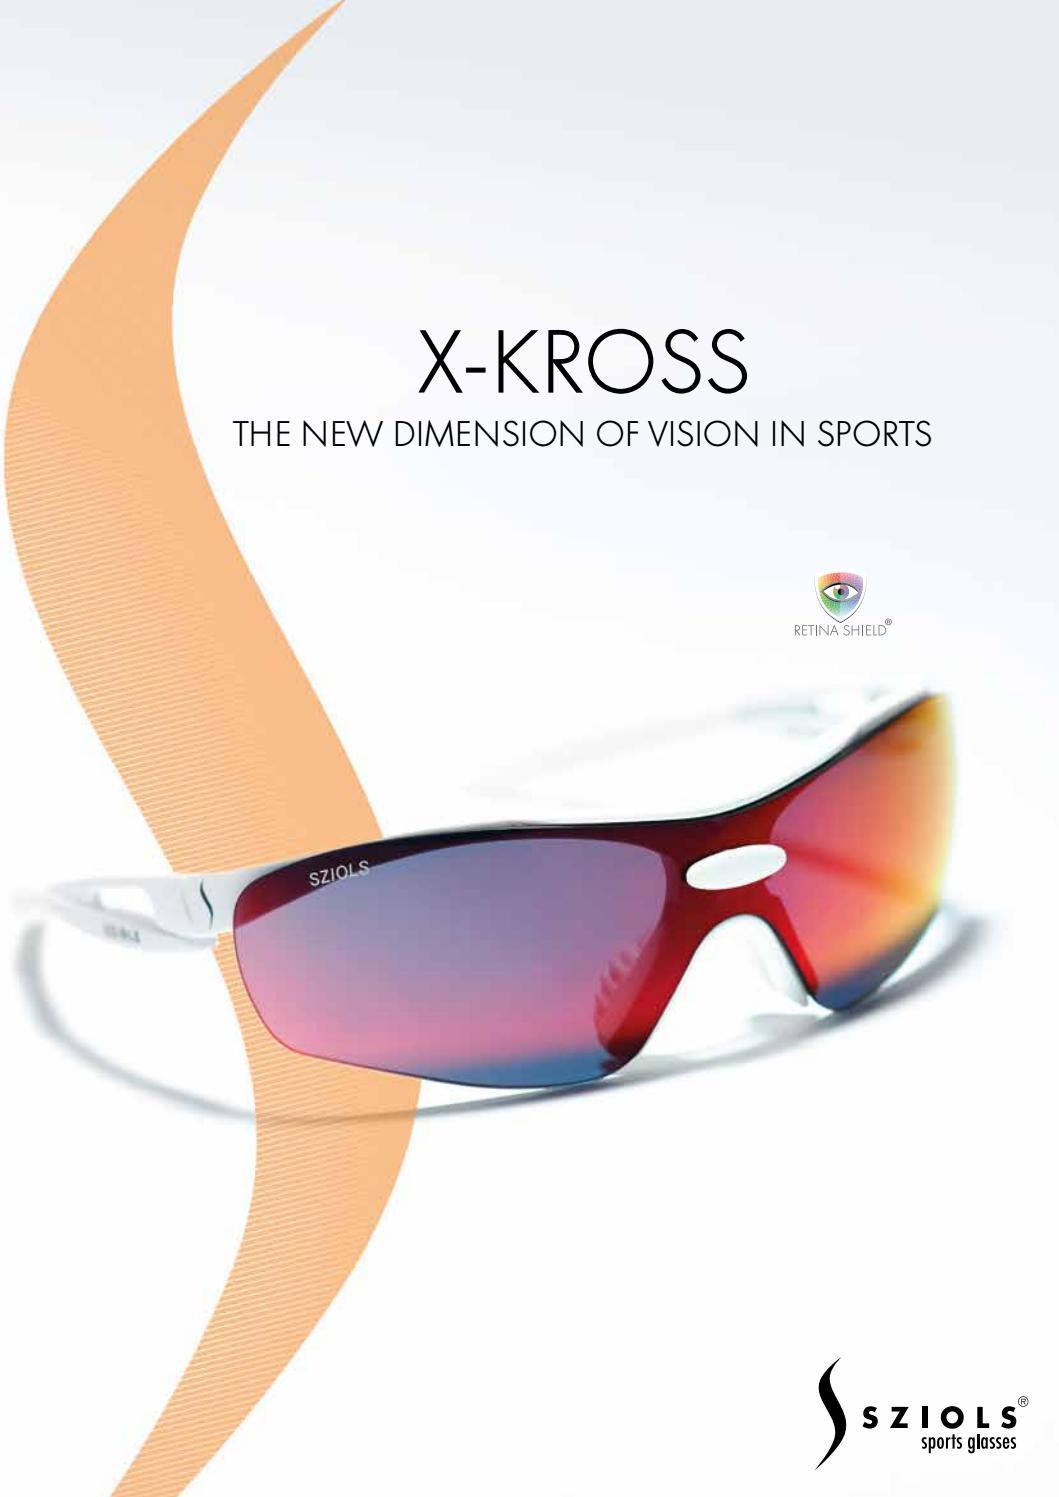 Sziols X-Kross Broschüre 2016 by Sziols Sportsglasses - issuu